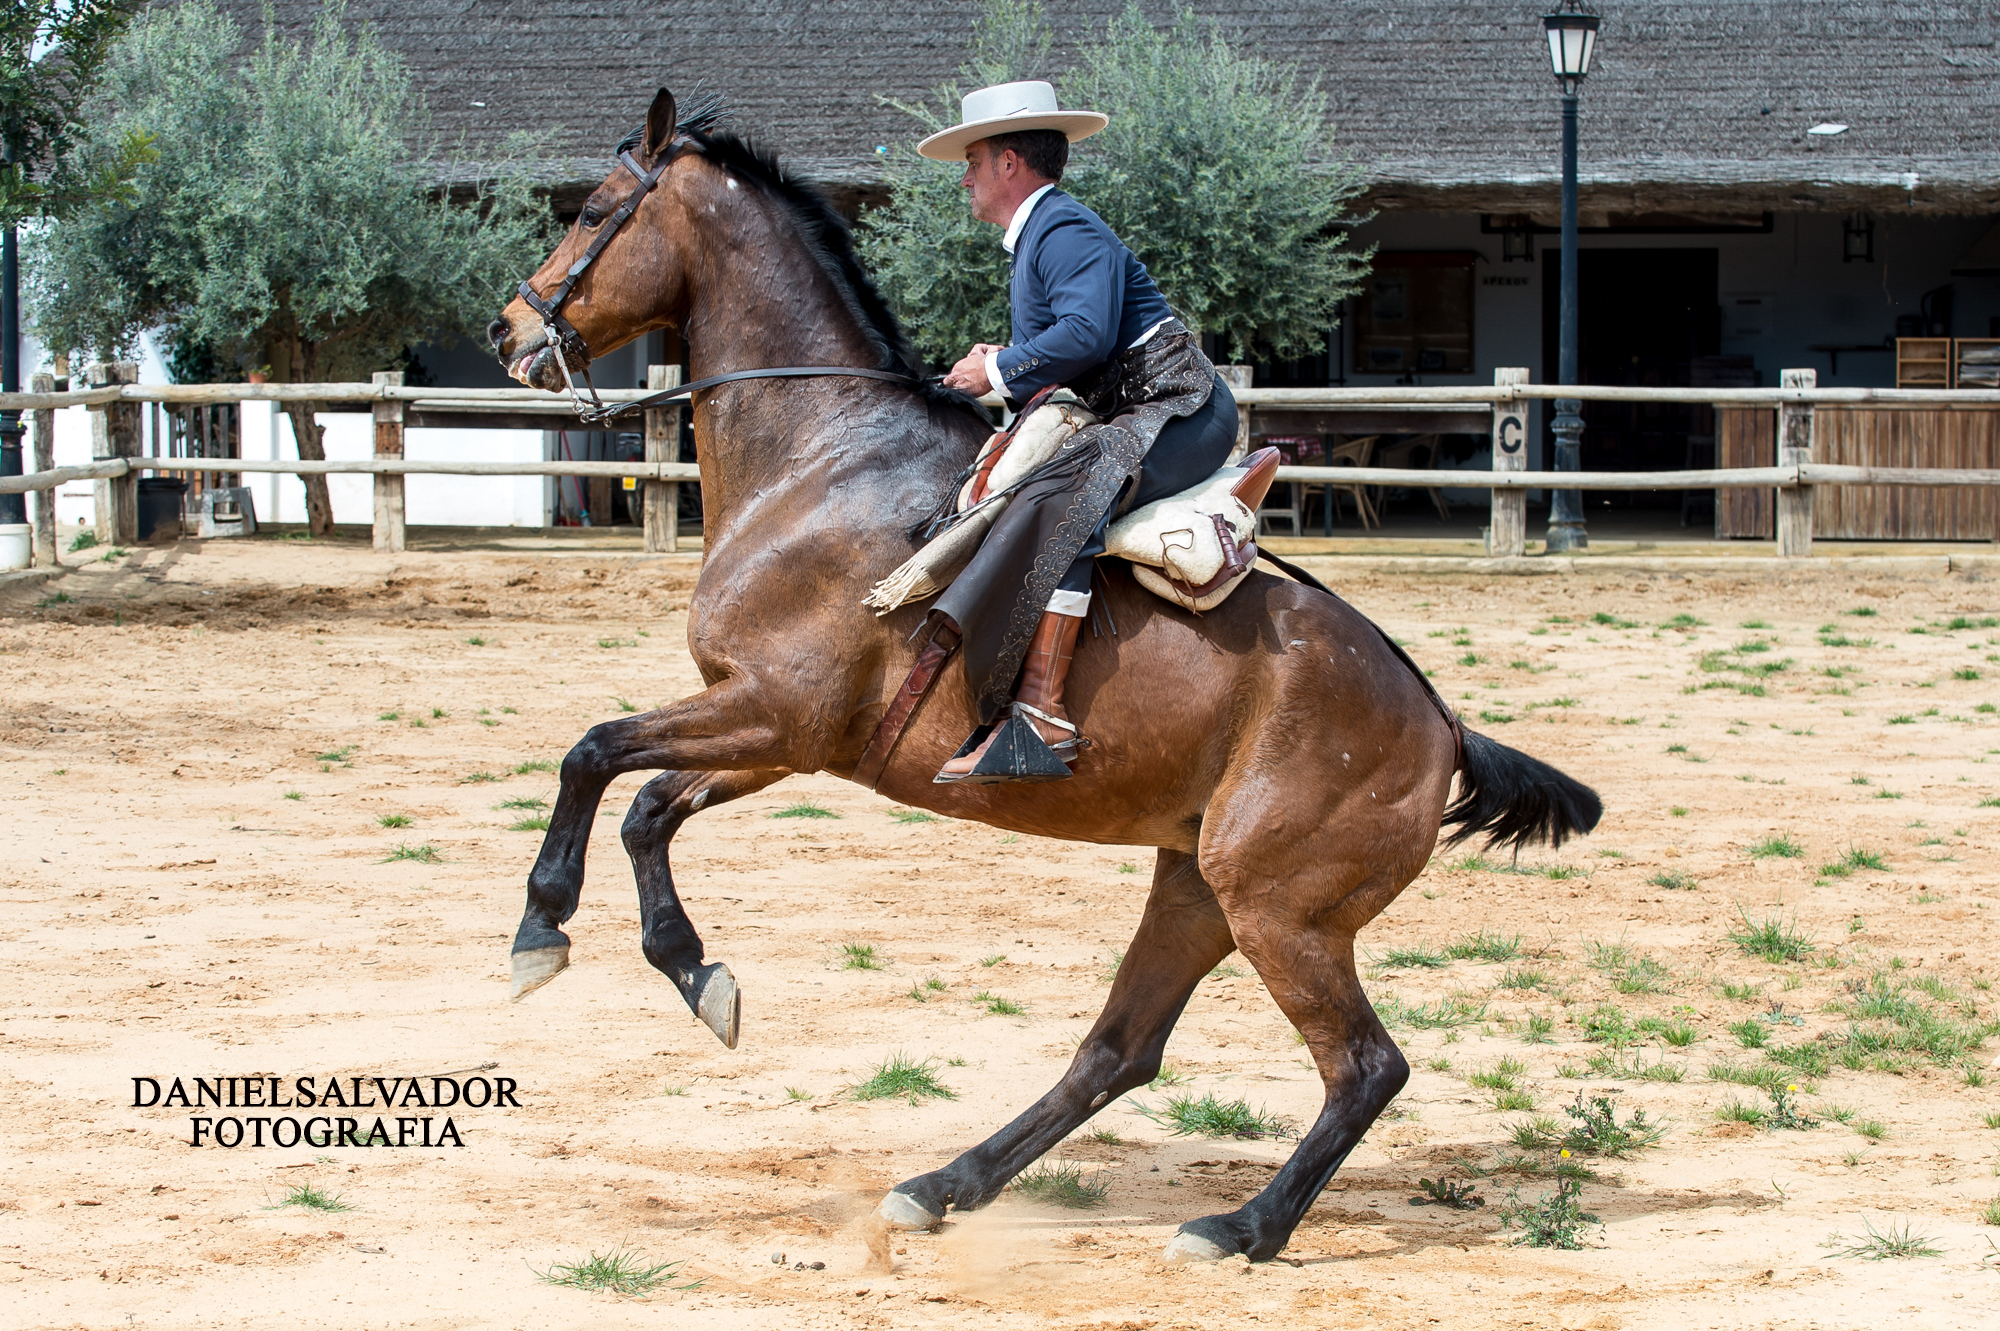 caballos-240